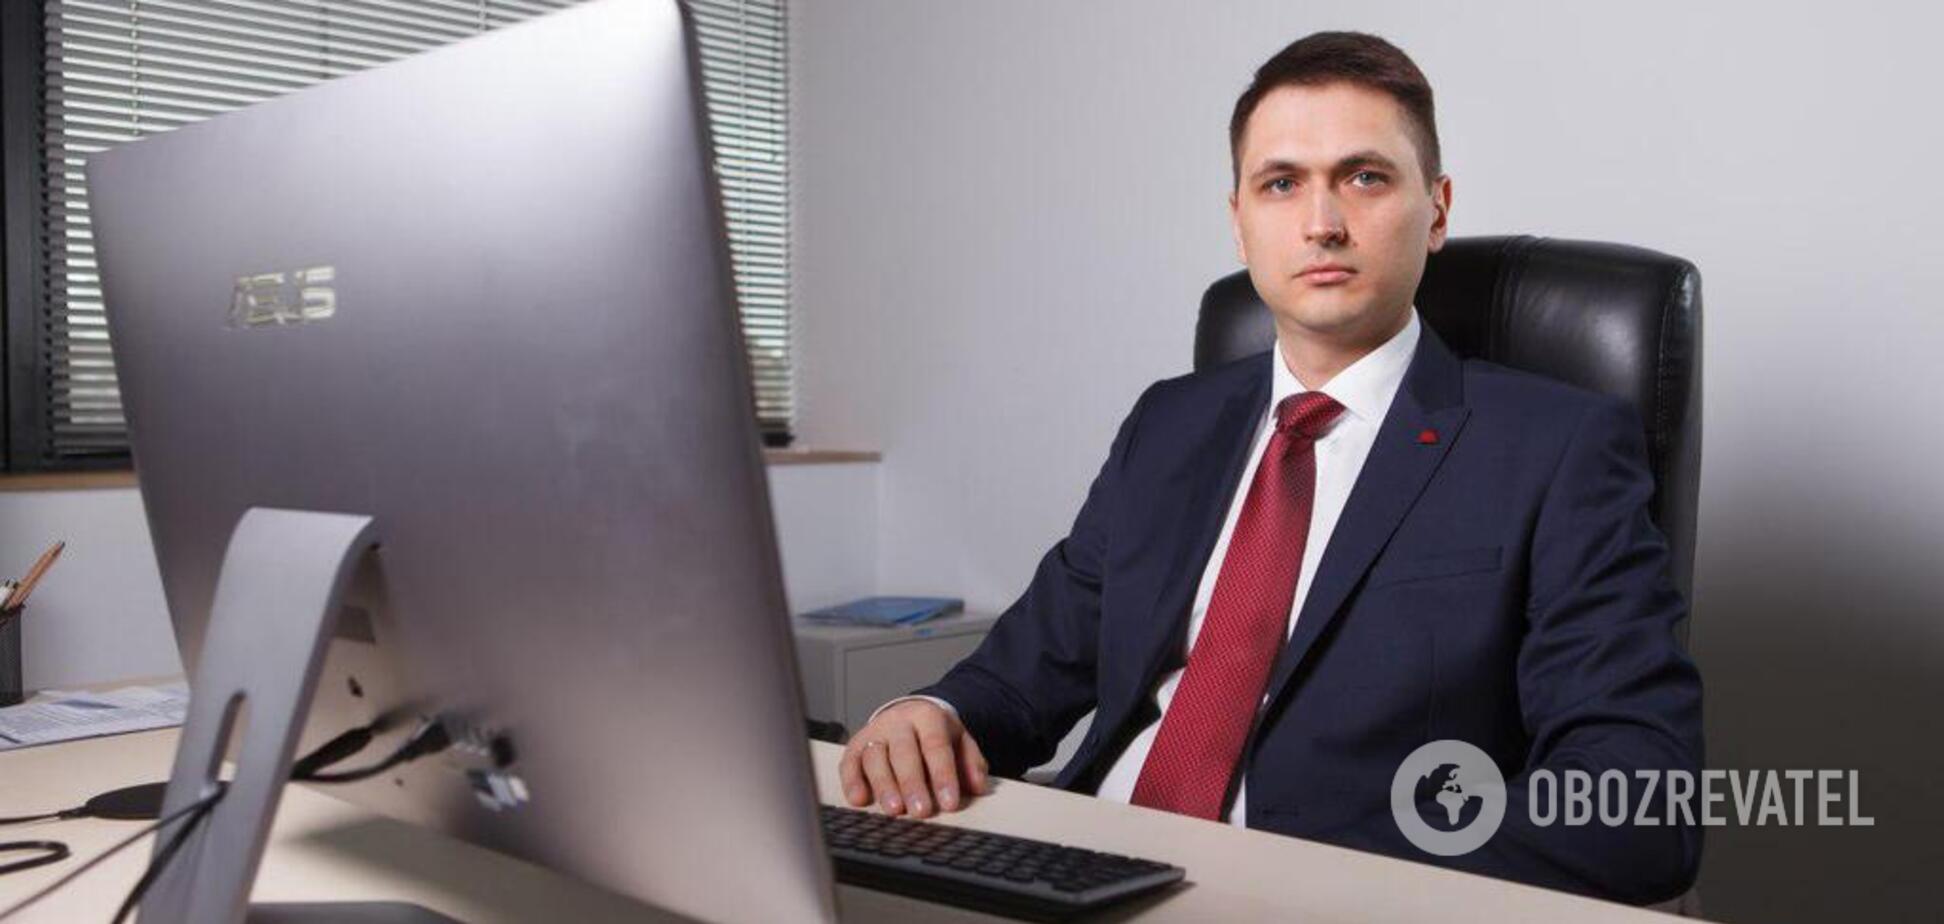 Мы отстали от мировых трендов: Дмитрий Лукомский рассказал о проблемах 'зеленой' энергетики